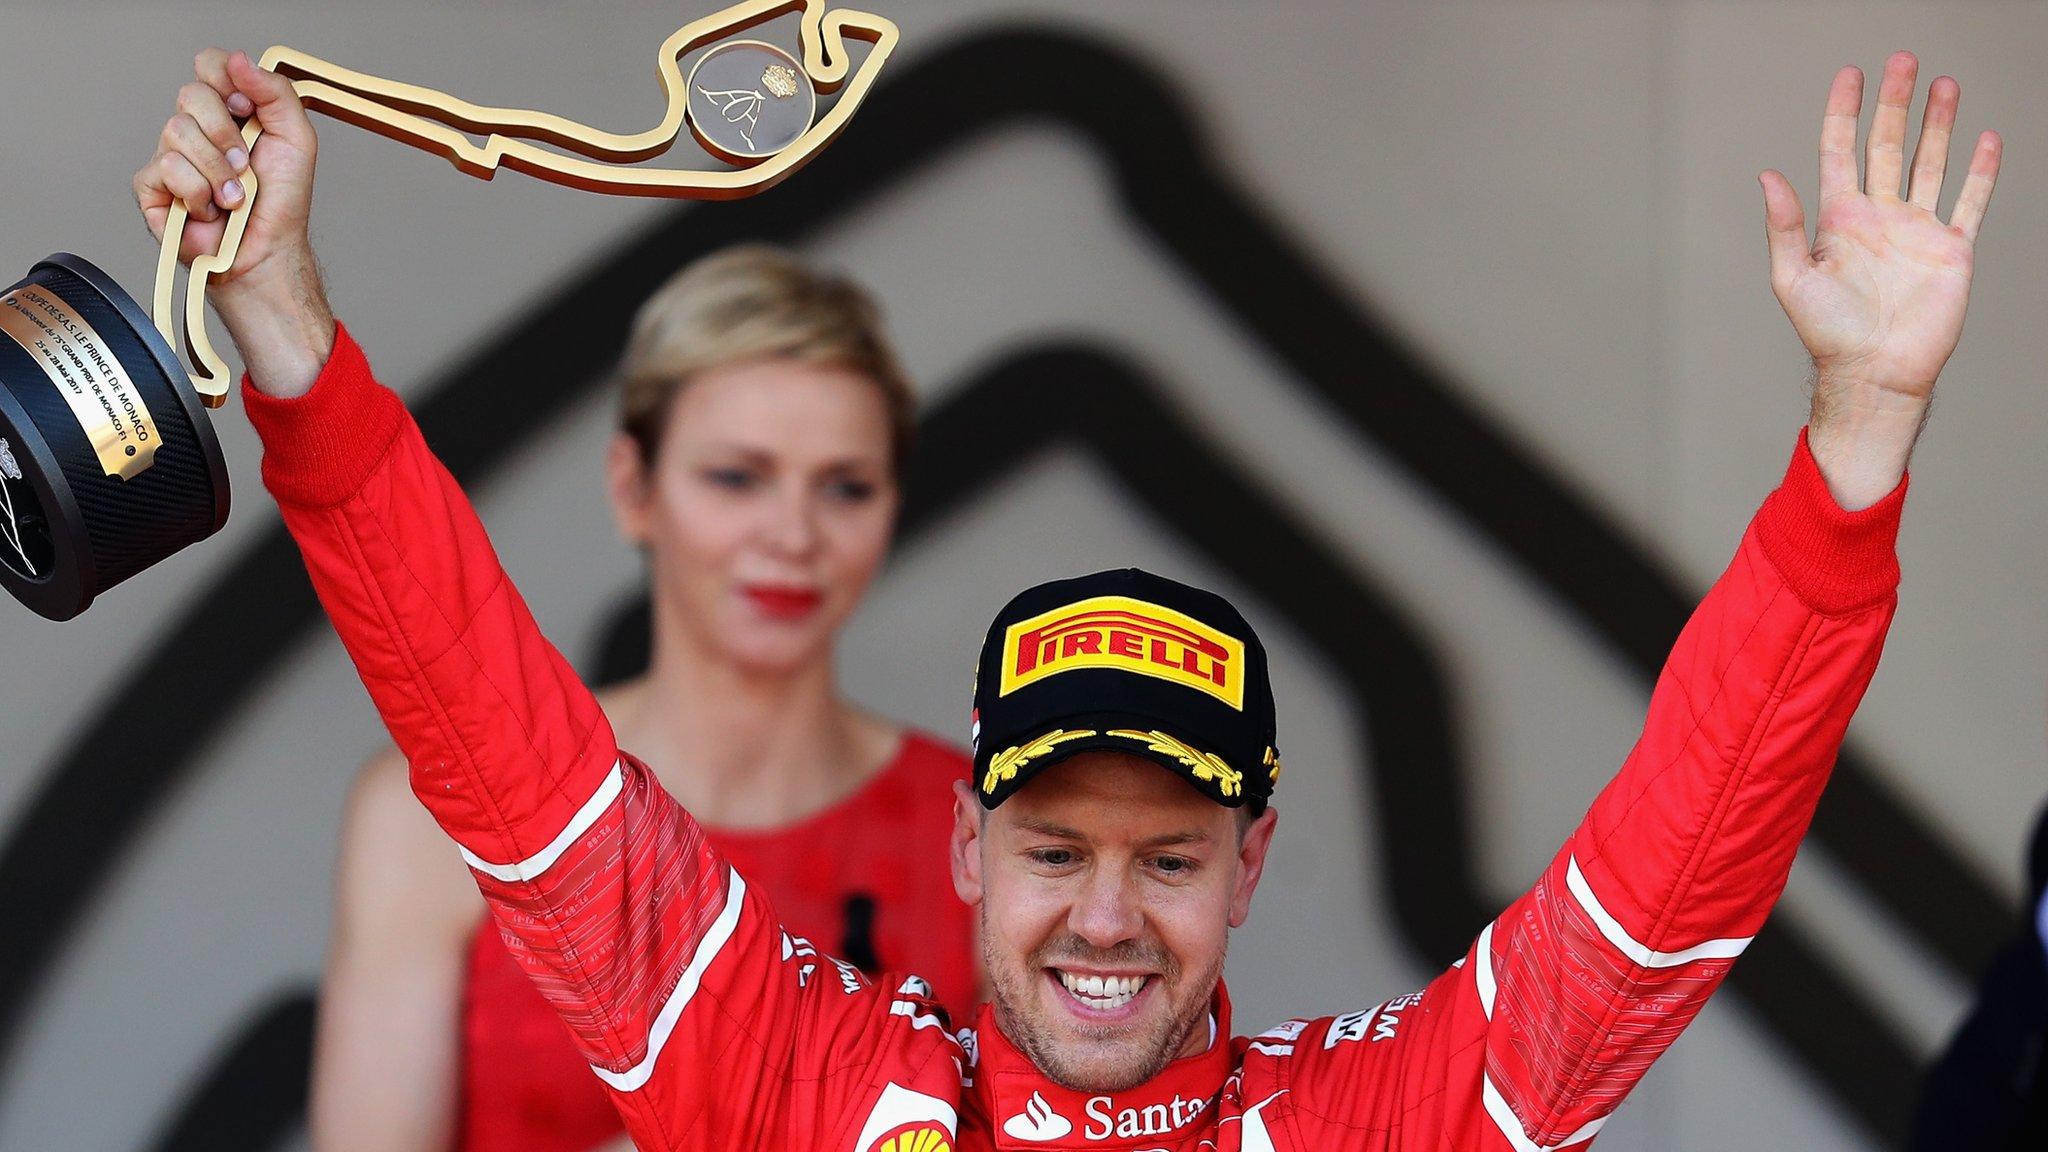 Vettel stretches title lead with Monaco win as Hamilton comes seventh